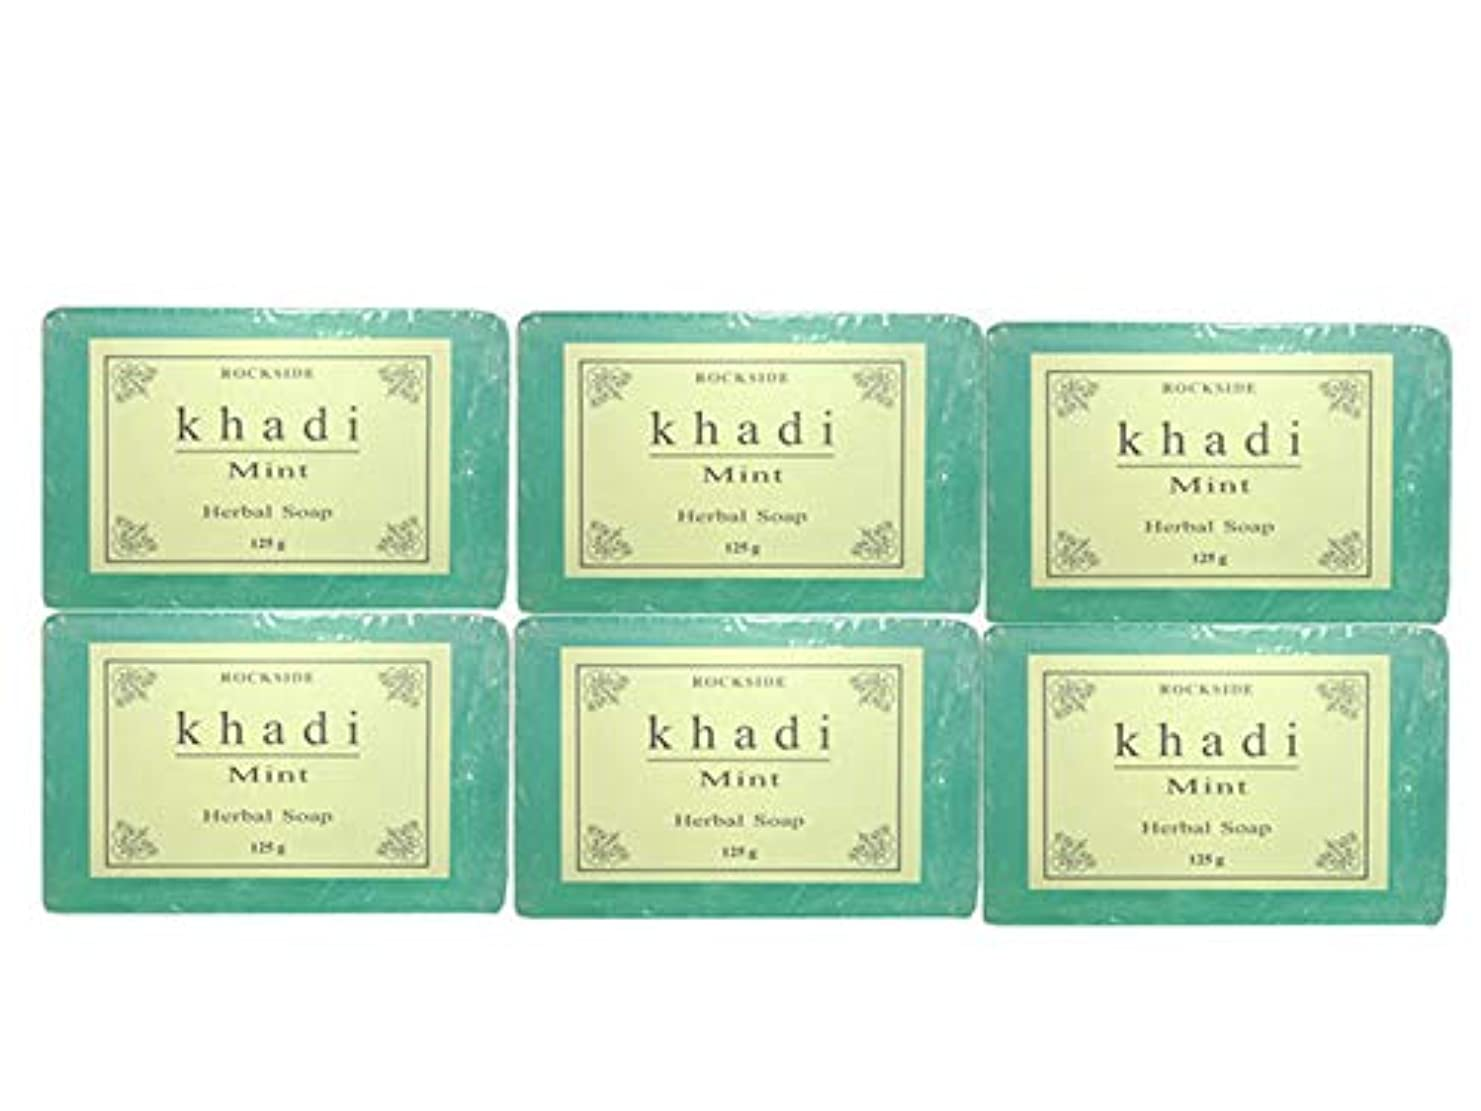 繰り返し灌漑おじいちゃん手作り カーディ ミント ハーバルソープ Khadi Mint Herbal Soap 6個SET